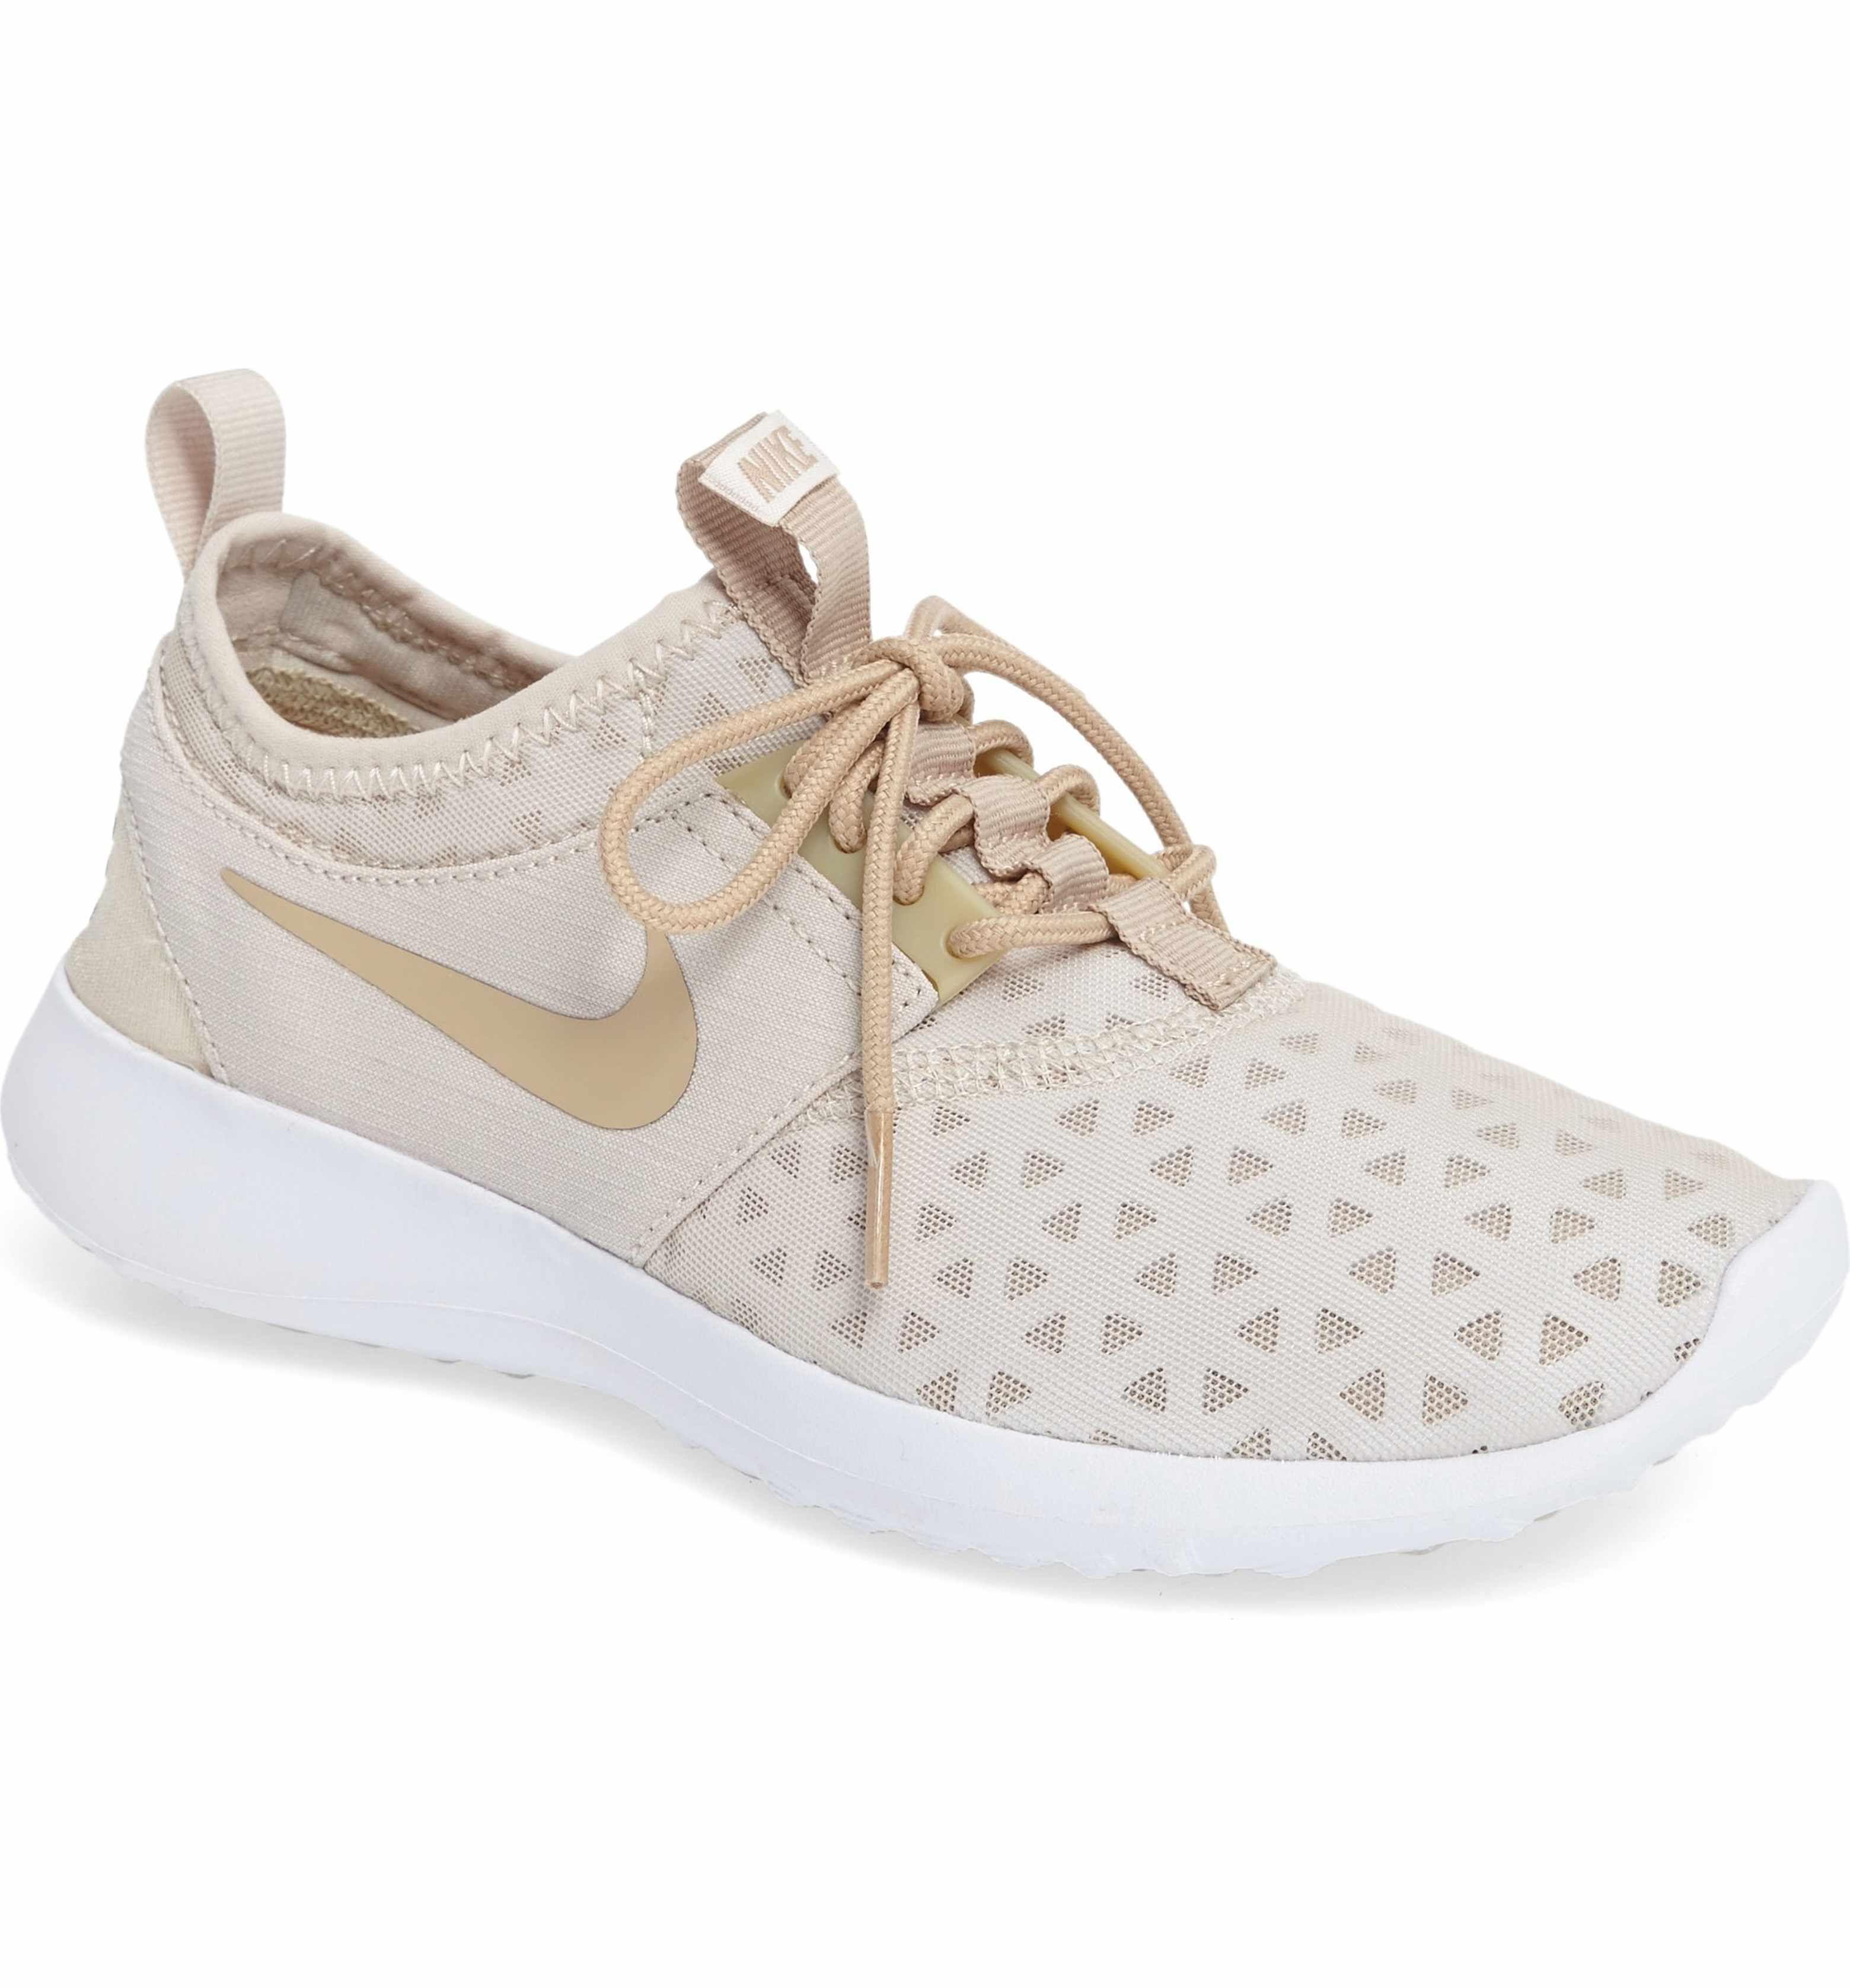 Nike Women's Low Top Sneakers Running Shoes, Beige, EU